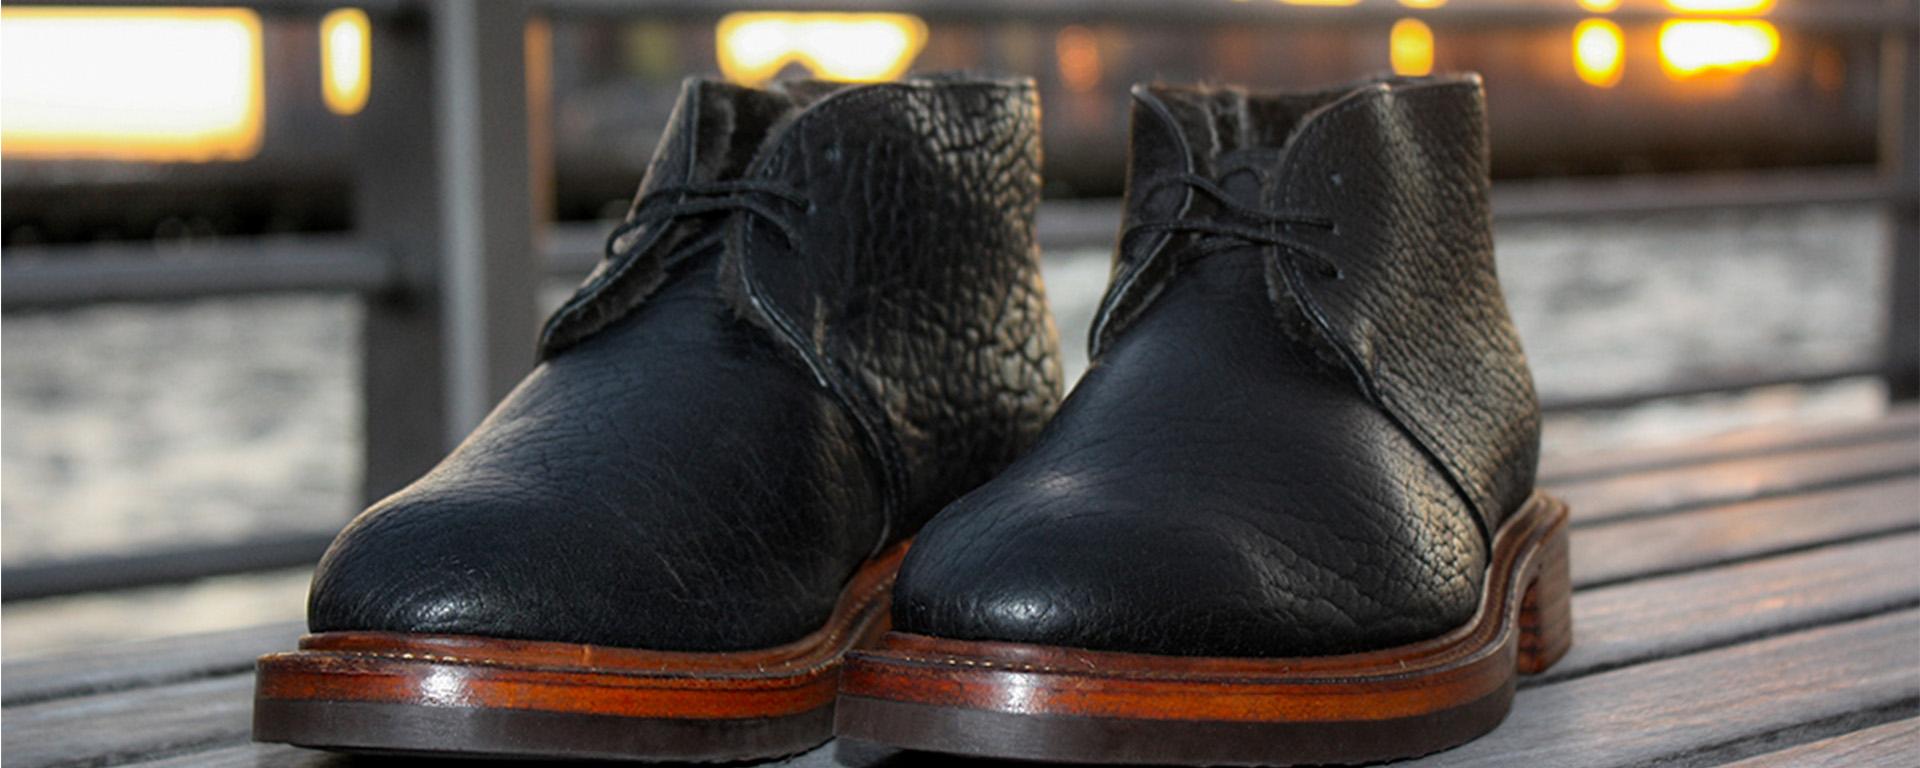 Noah Waxman American luxury shoemaker handmade Beacon chukka boots bison leather